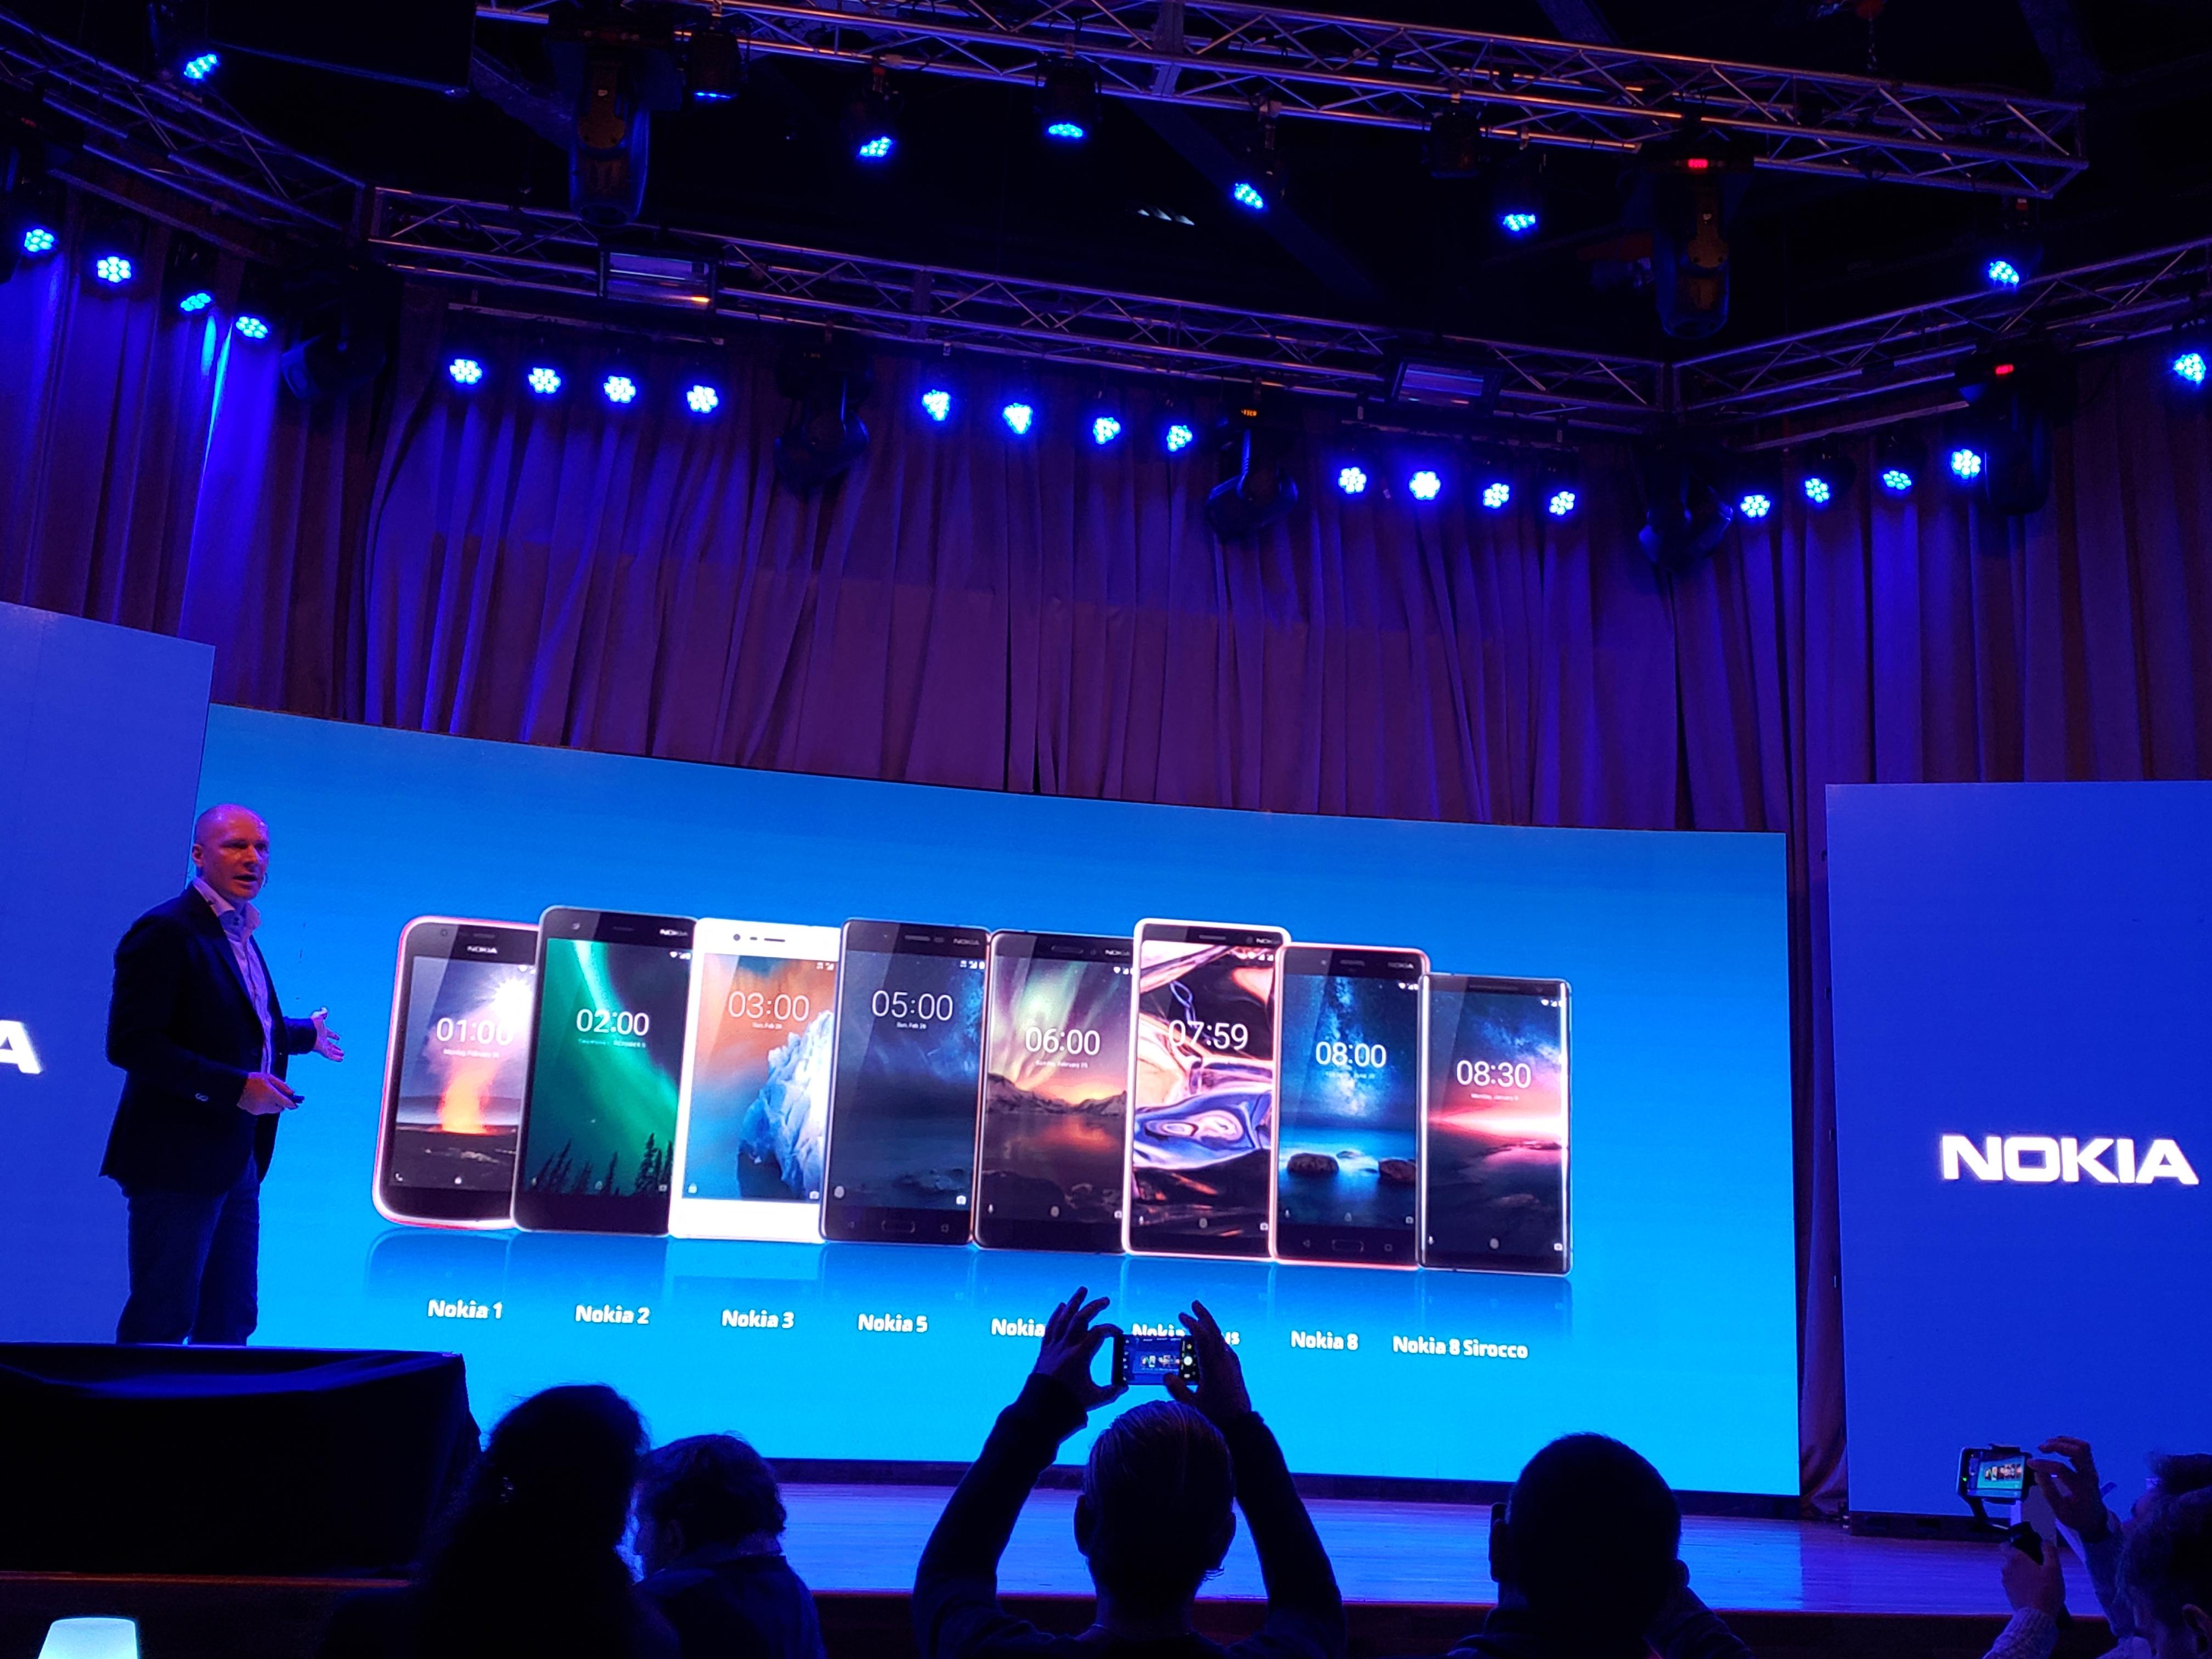 Nokia desembarca con tres modelos pero planea lanzar todo su portafolio de productos en los próximos meses